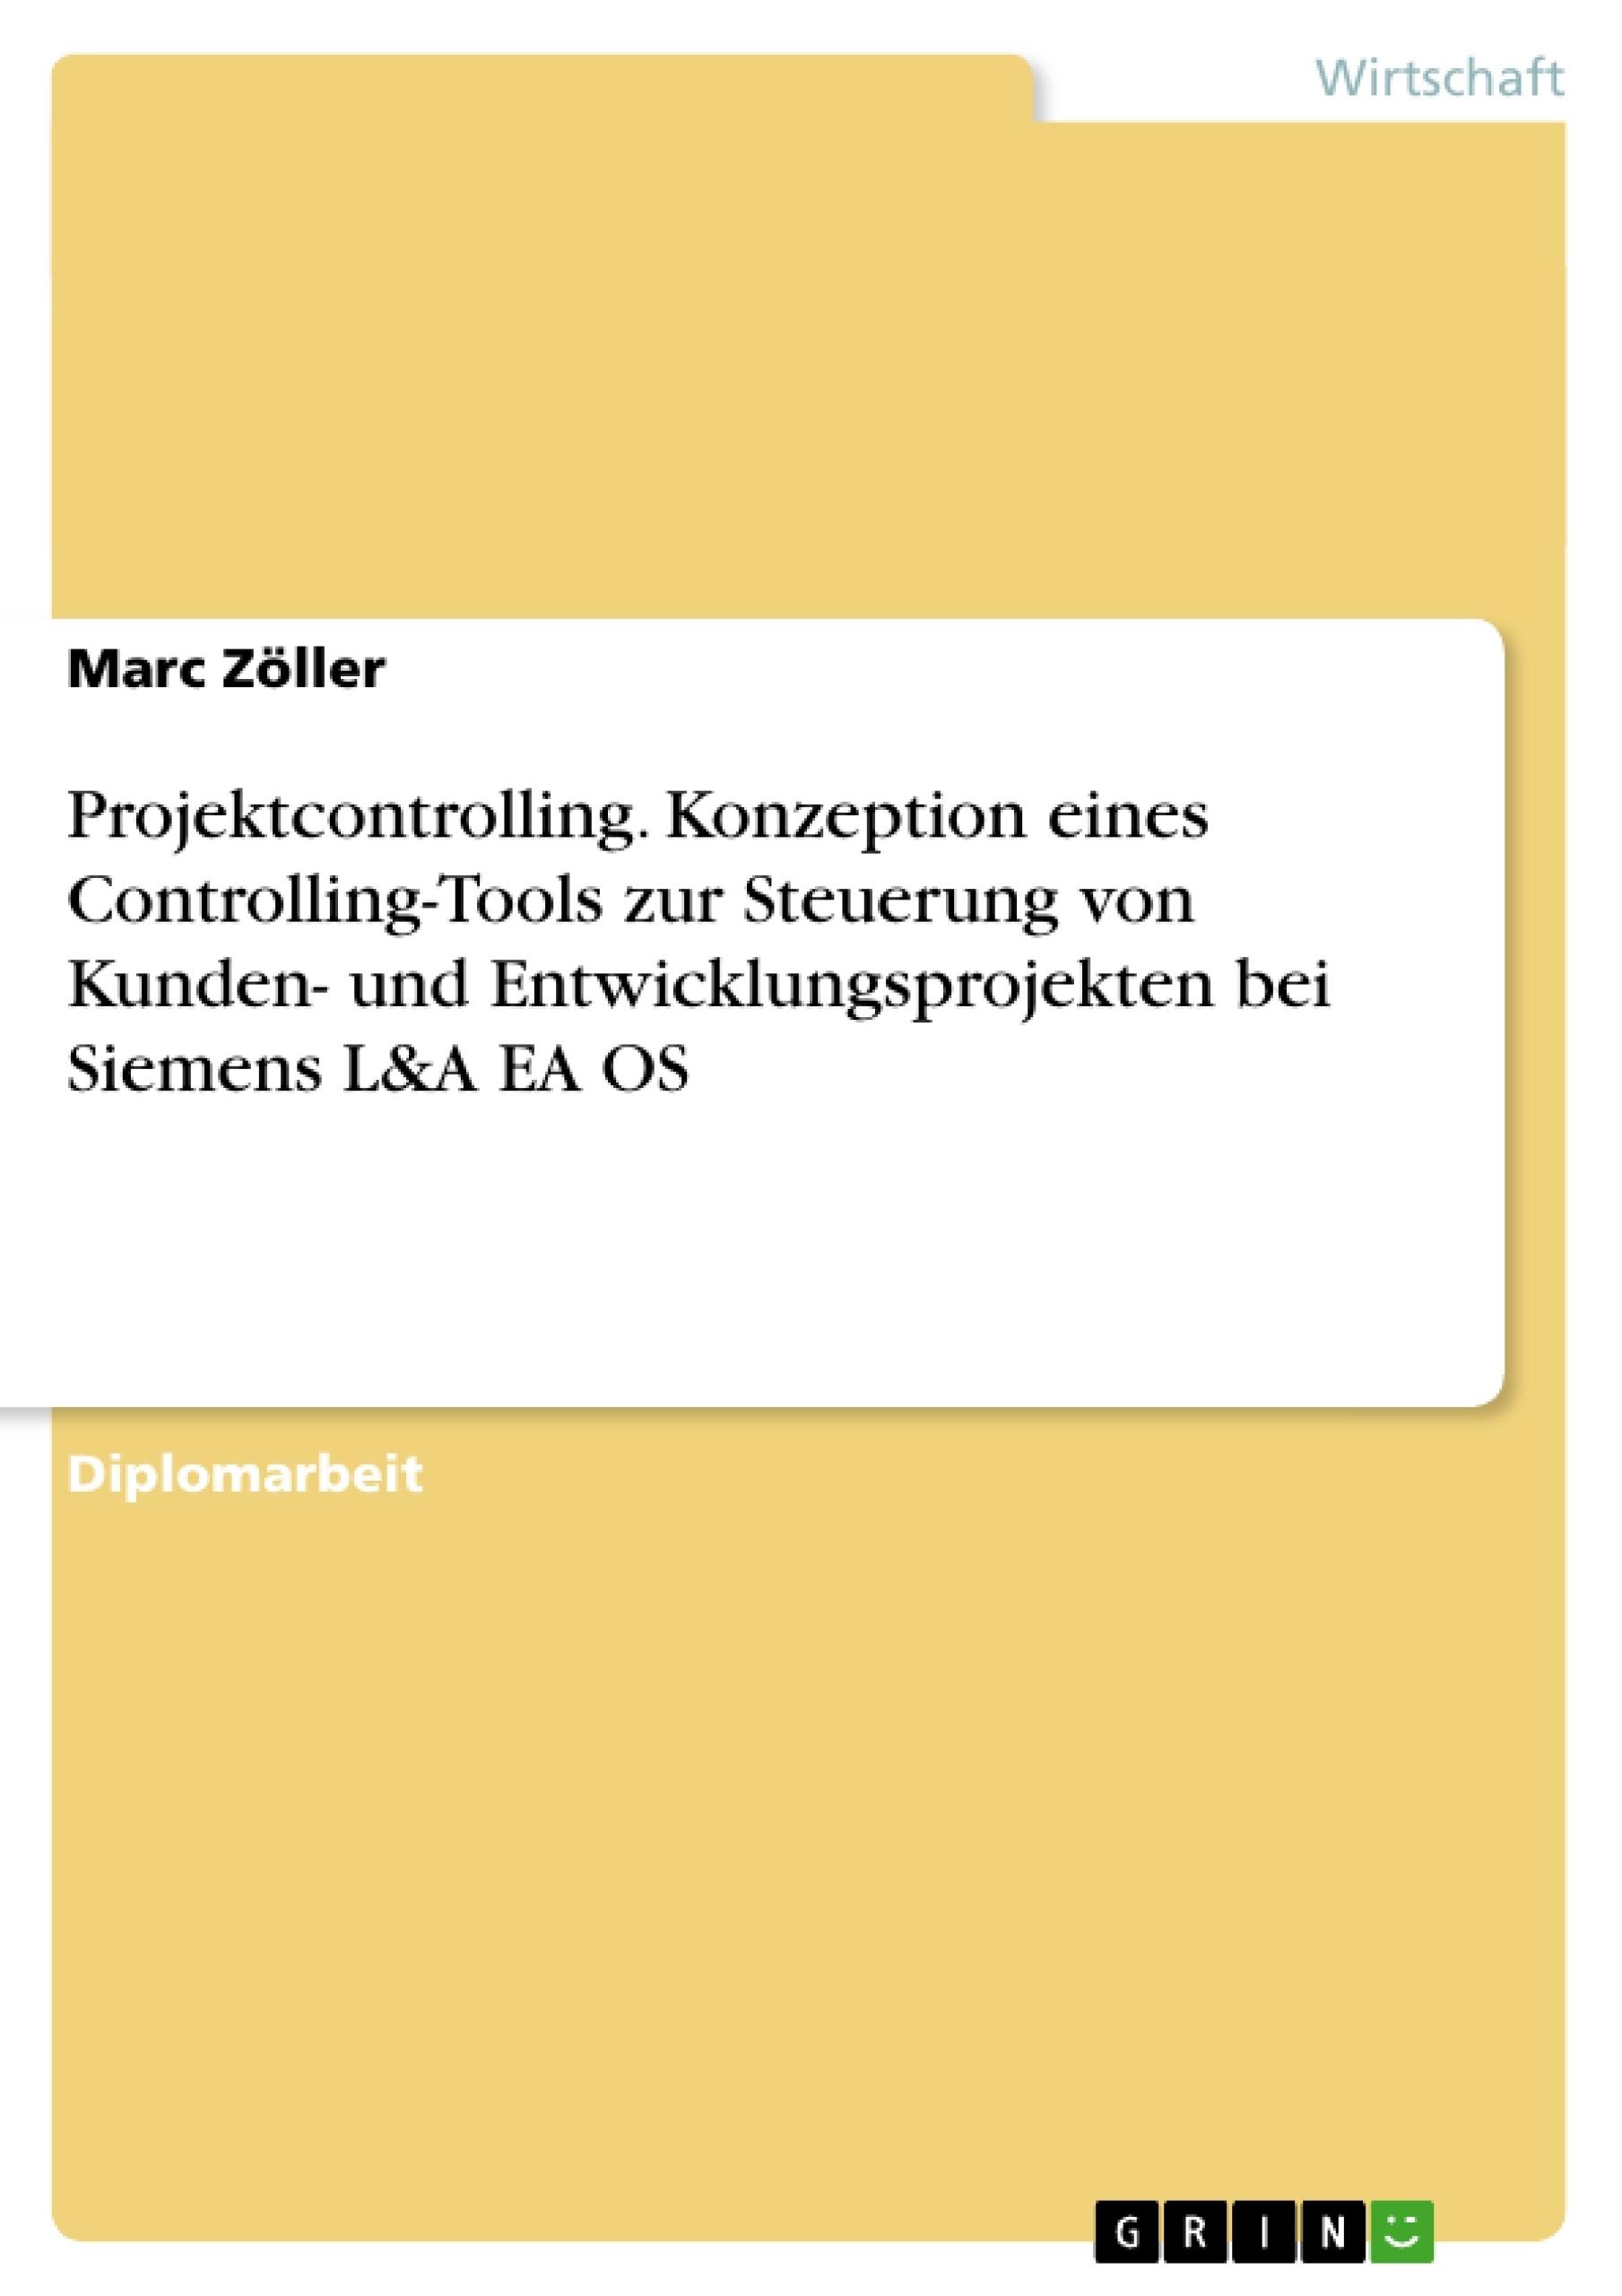 Titel: Projektcontrolling. Konzeption eines Controlling-Tools zur Steuerung von Kunden- und Entwicklungsprojekten bei Siemens L&A EA OS